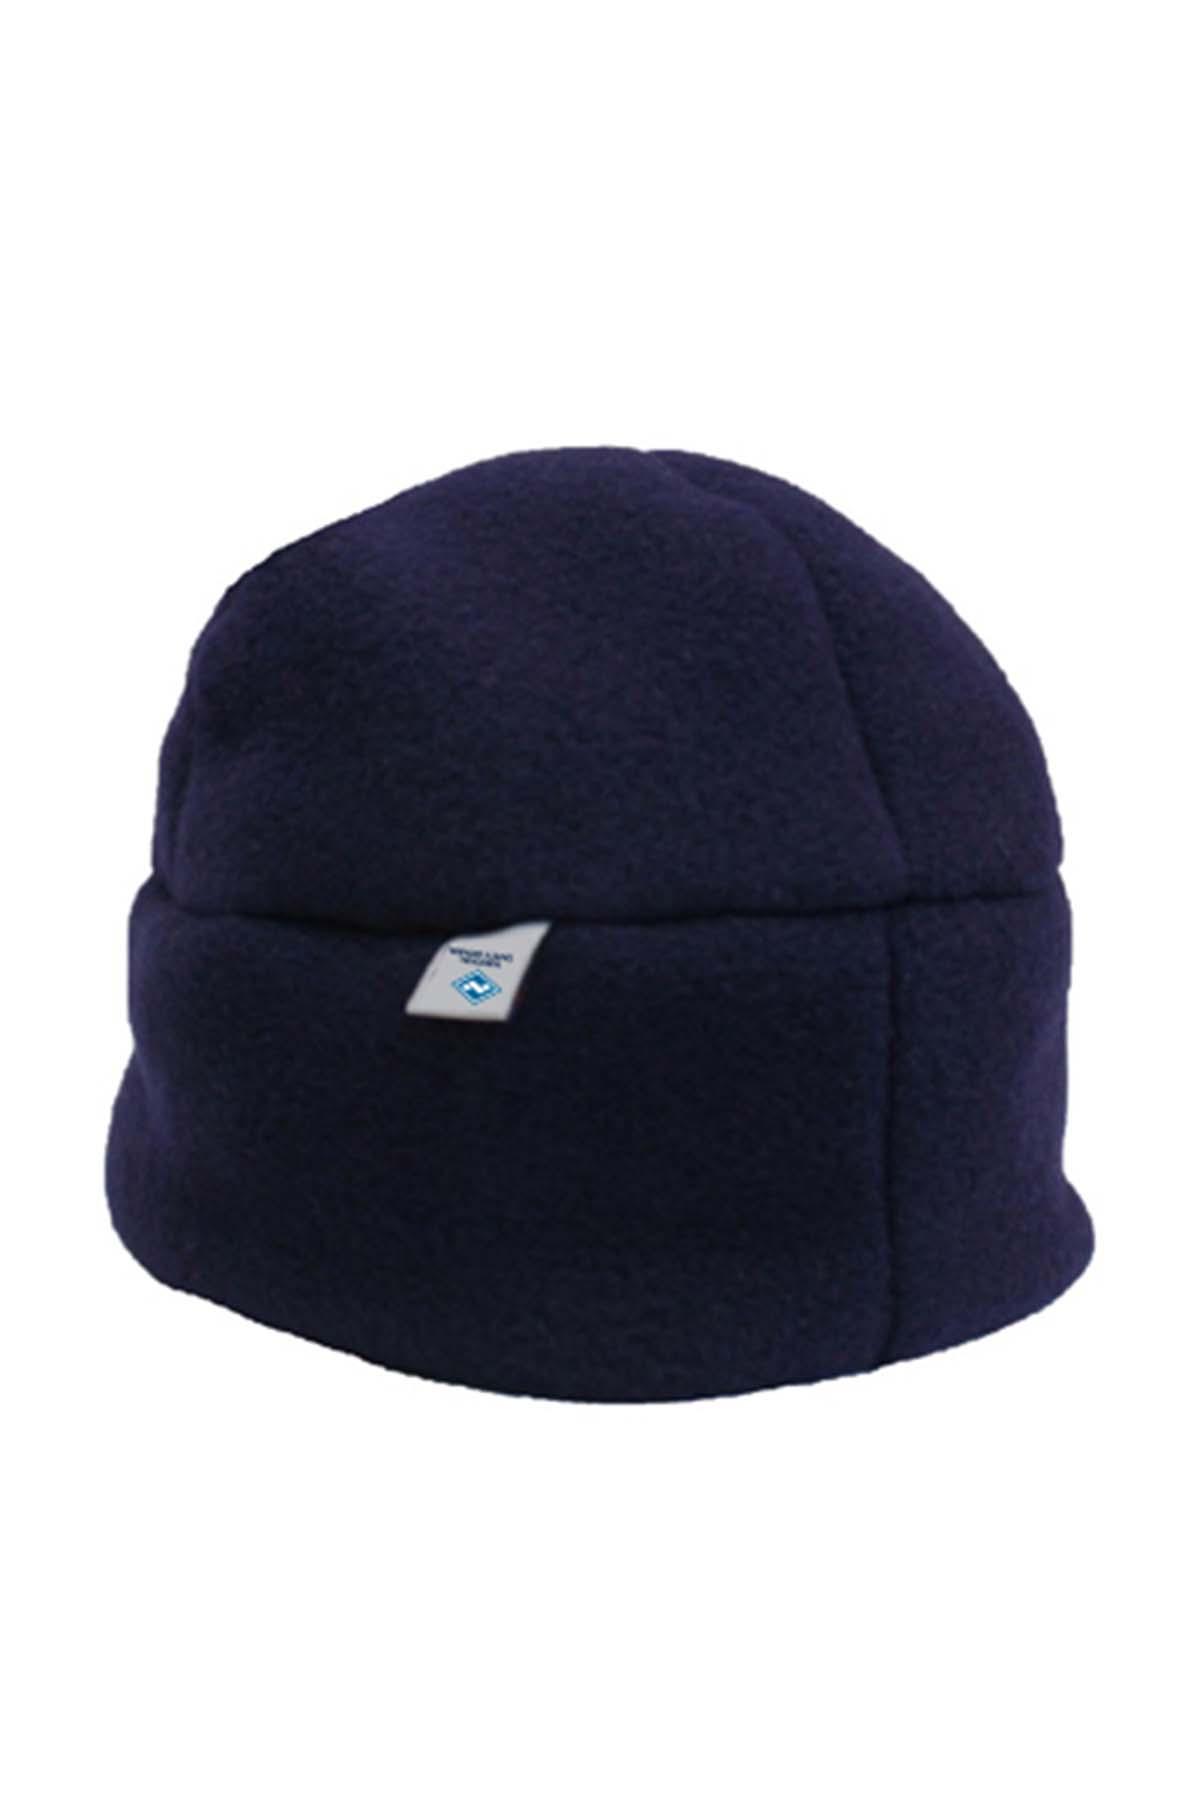 Flame Resistant Nomex® Fleece Cap - Fire Resistant